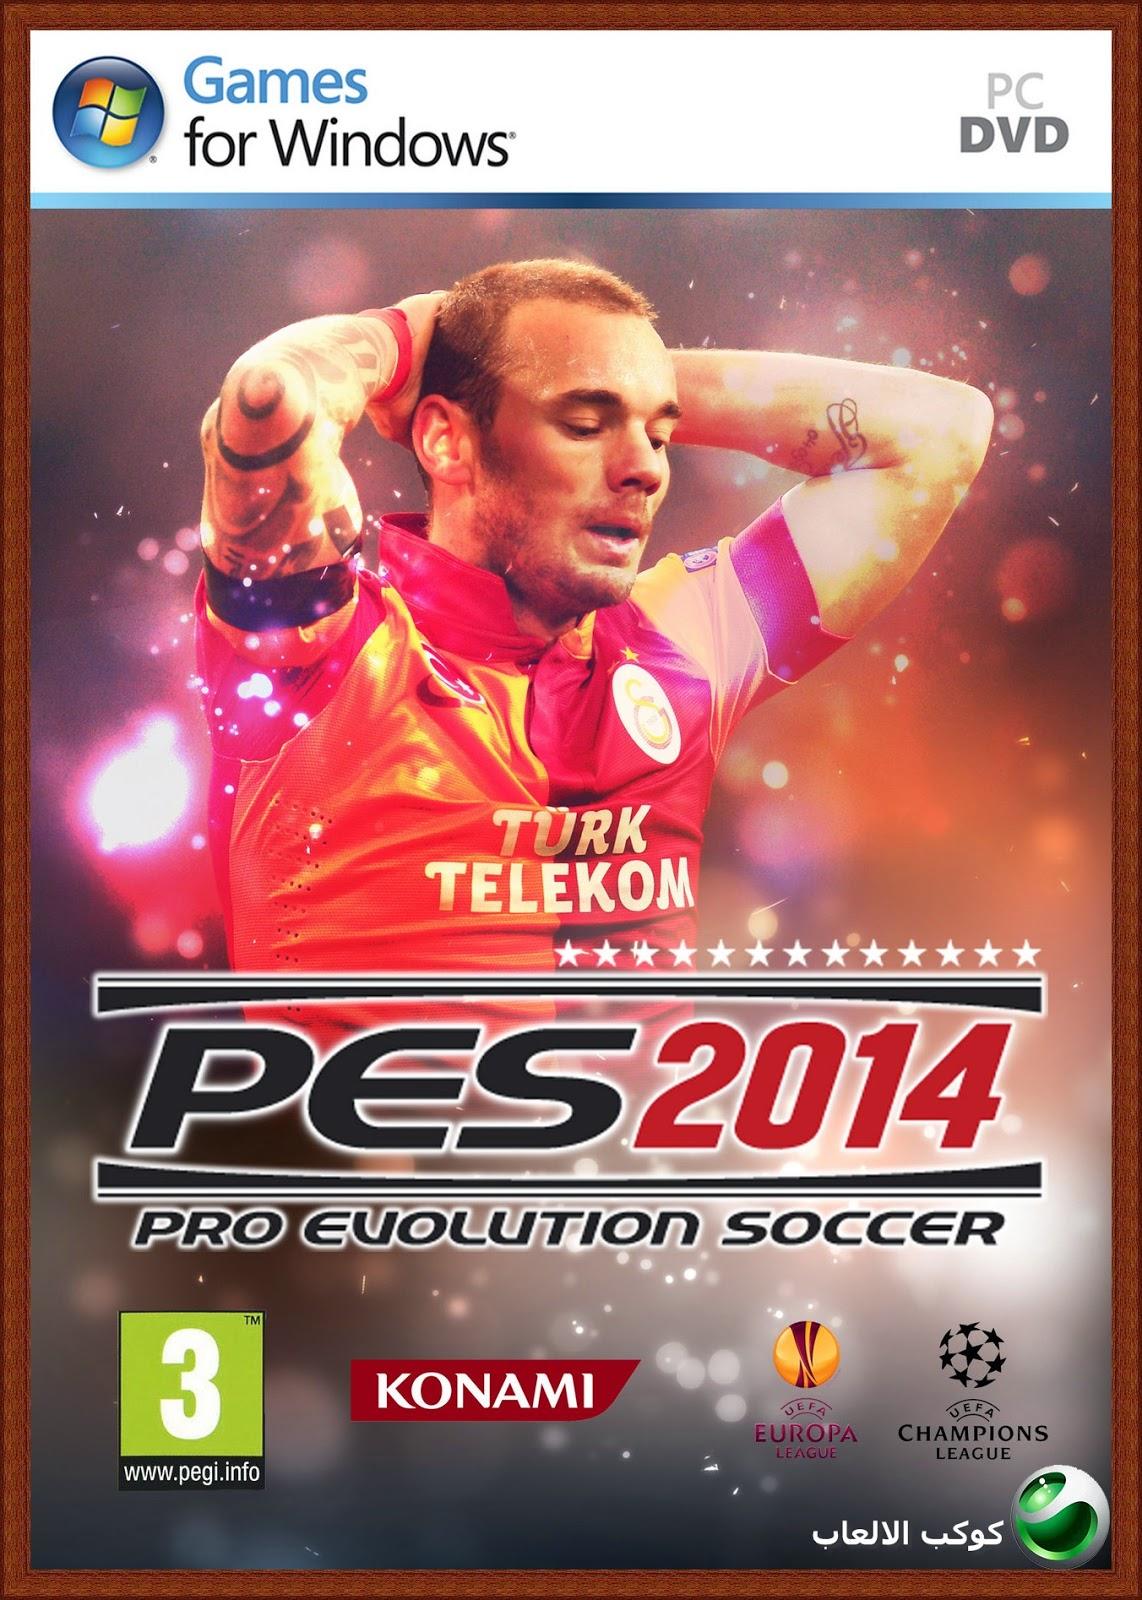 تحميل لعبة بيس 2014 للكمبيوتر Download PES 2014